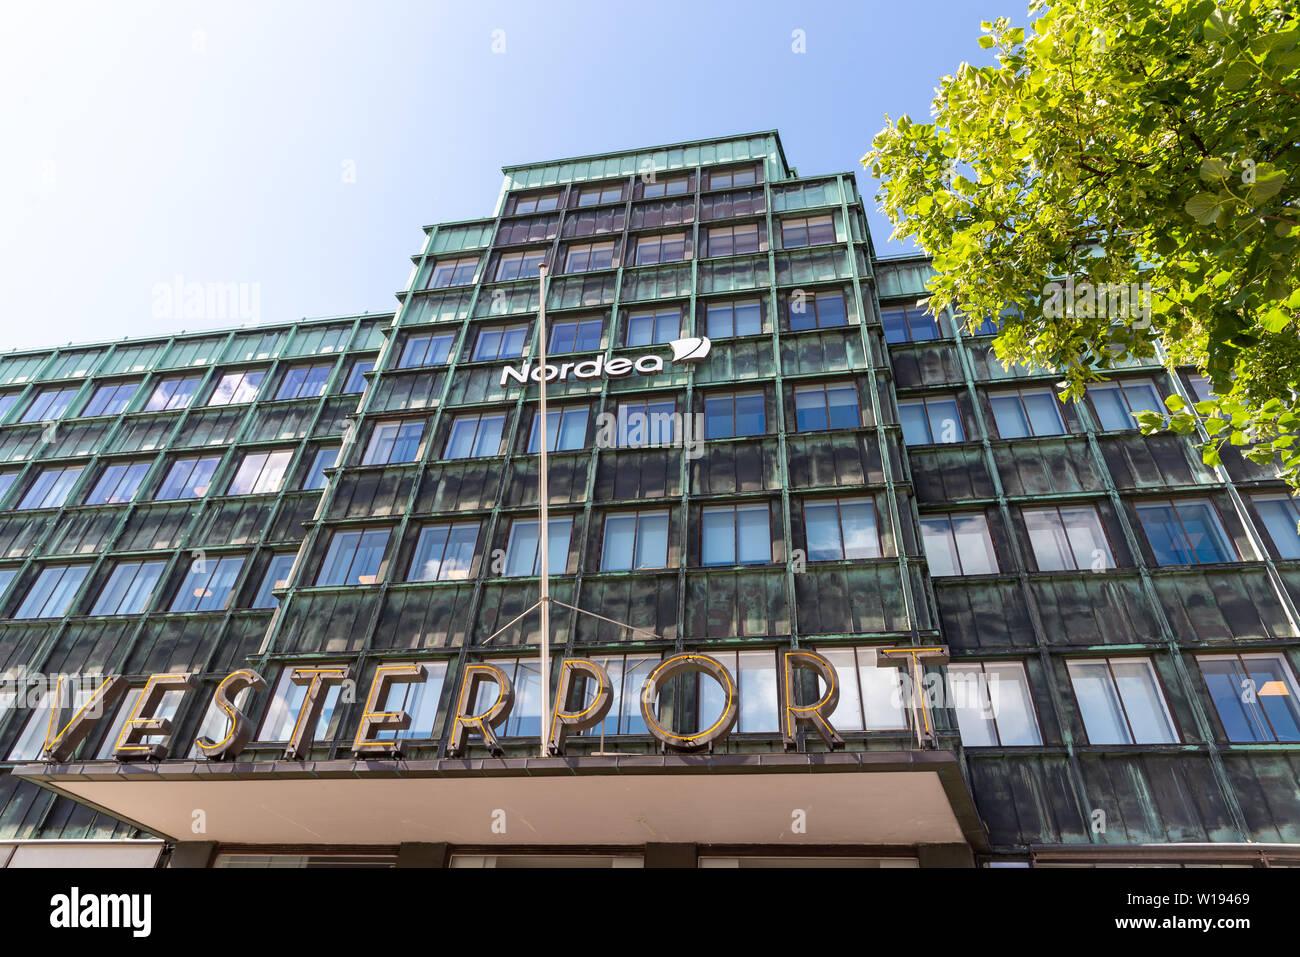 Nordea Bank Vesterport branch, Copenhagen, Denmark - Stock Image